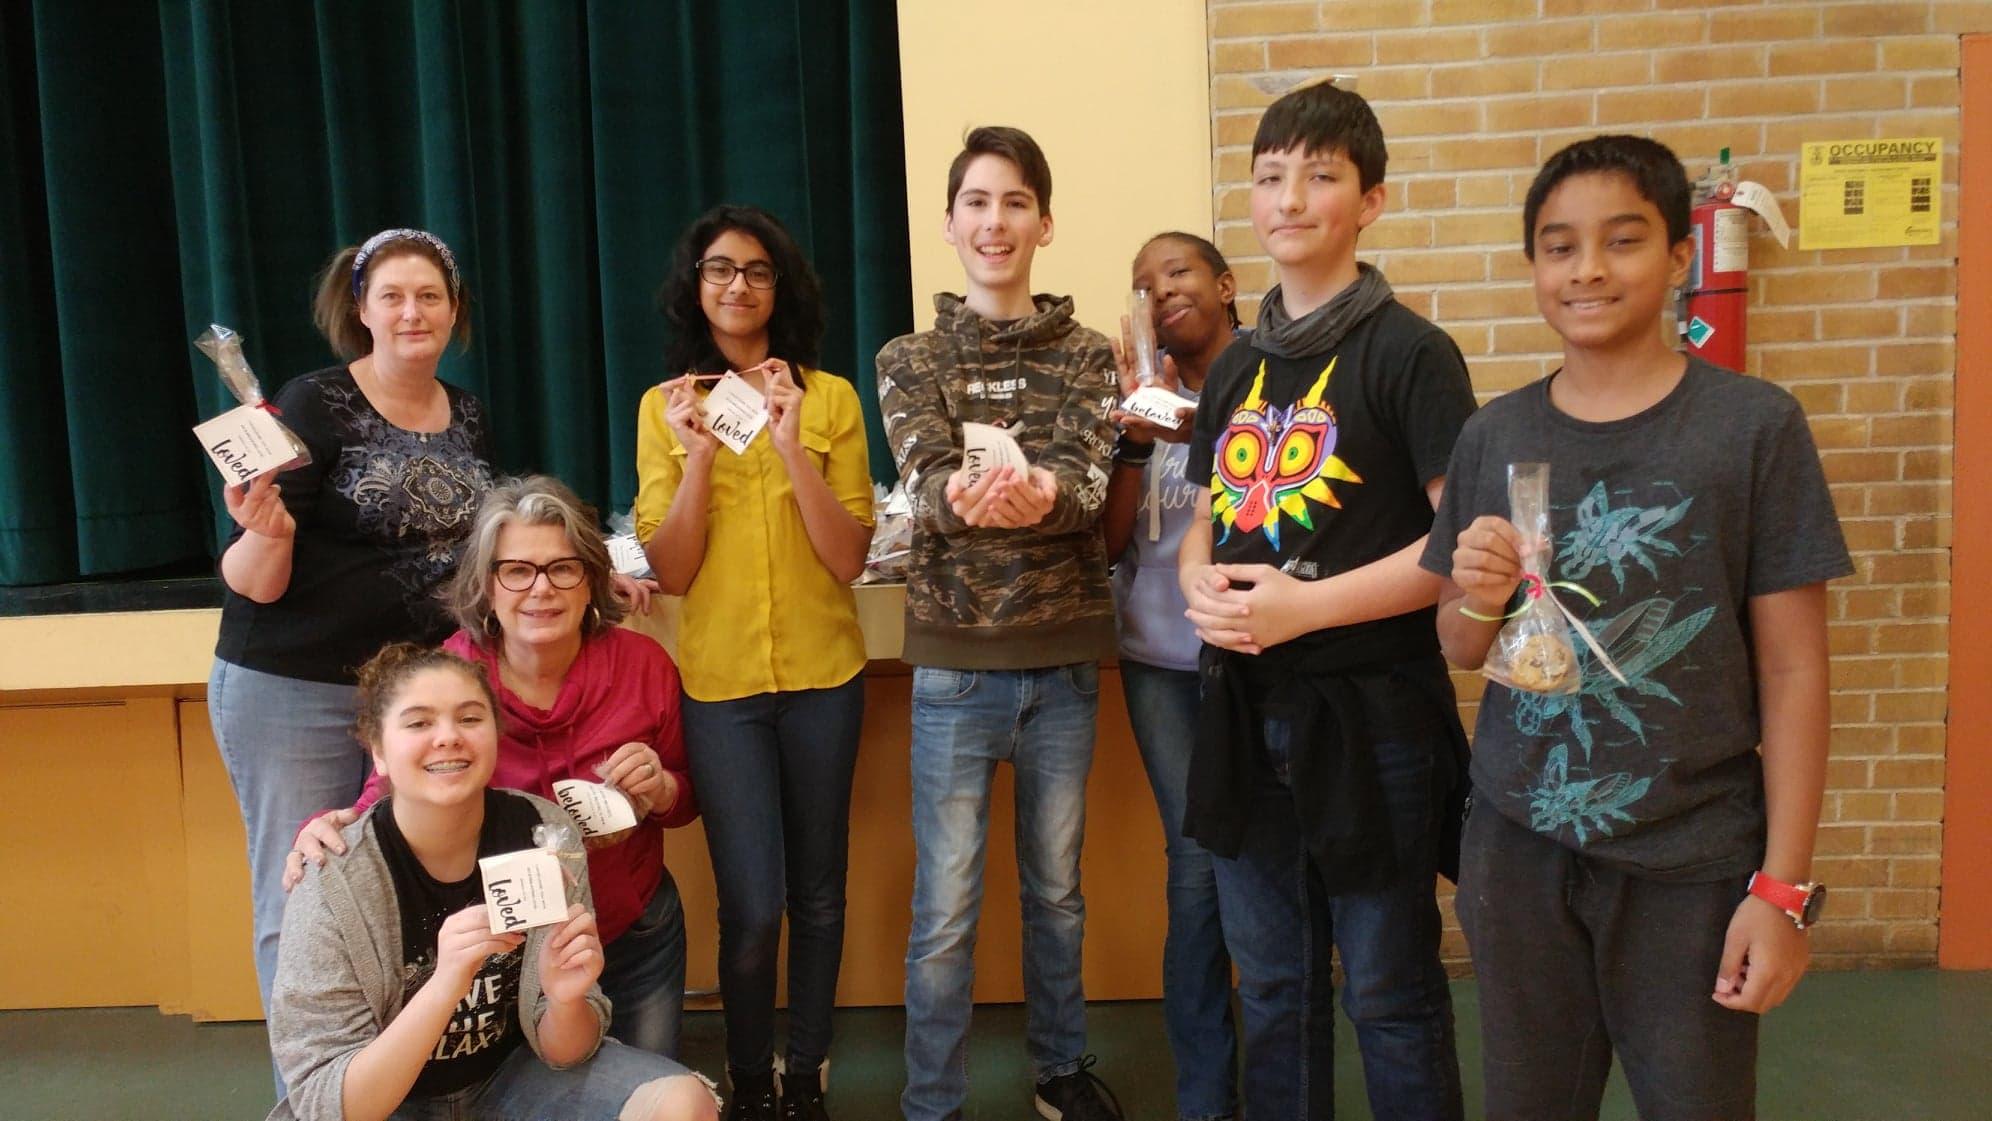 Baking Group 1.Feb 09 19